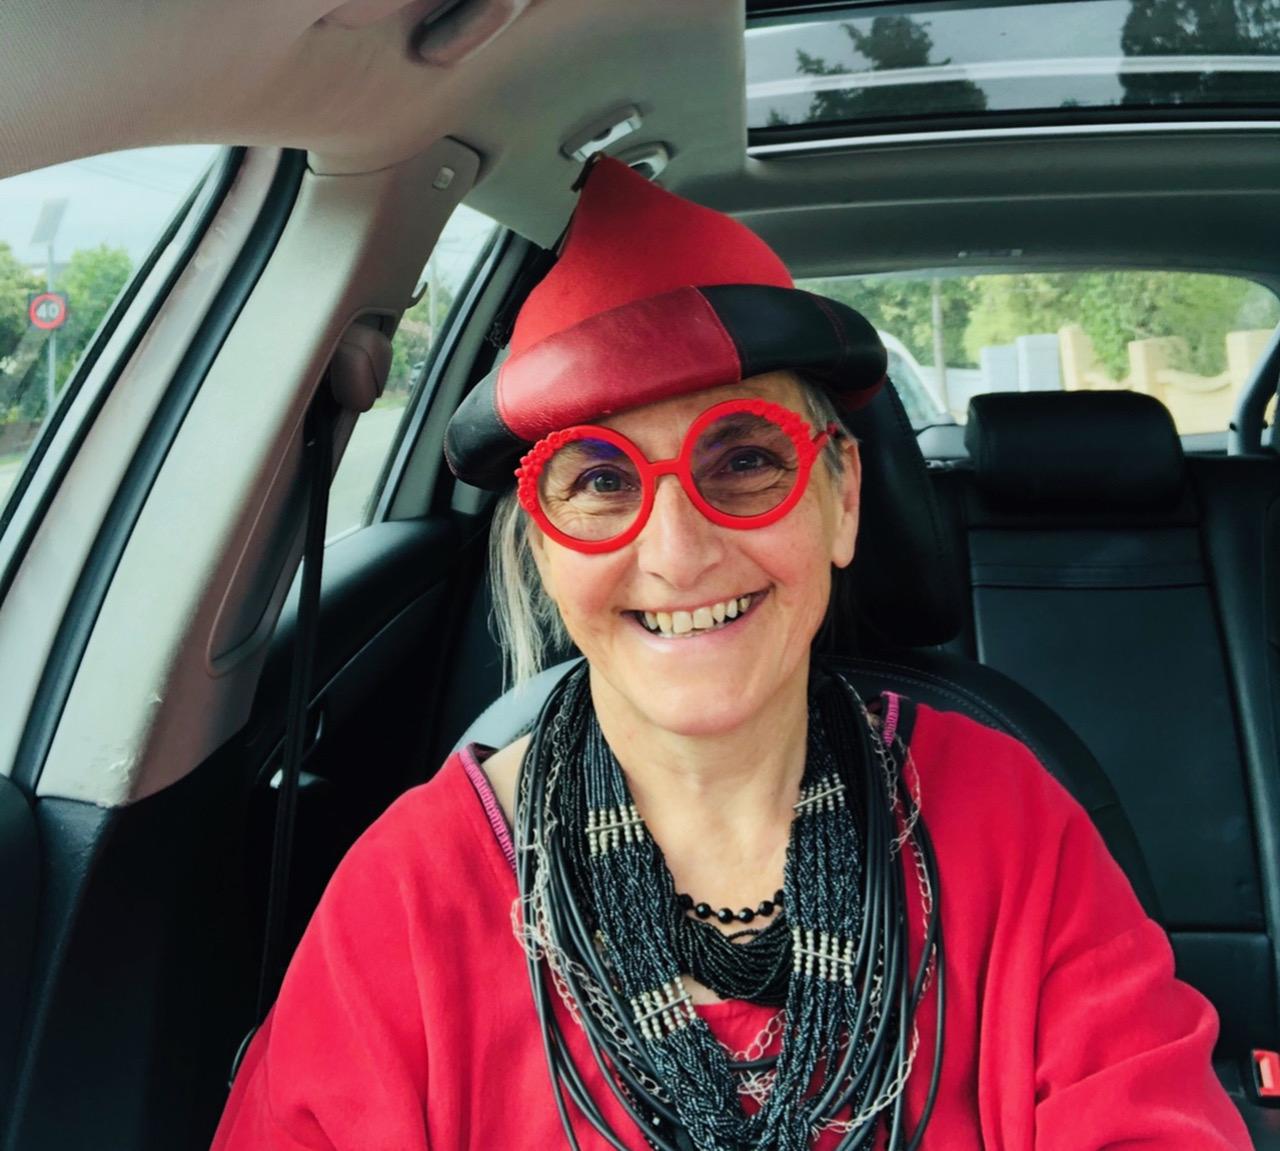 Waltraud Reiner in red hat